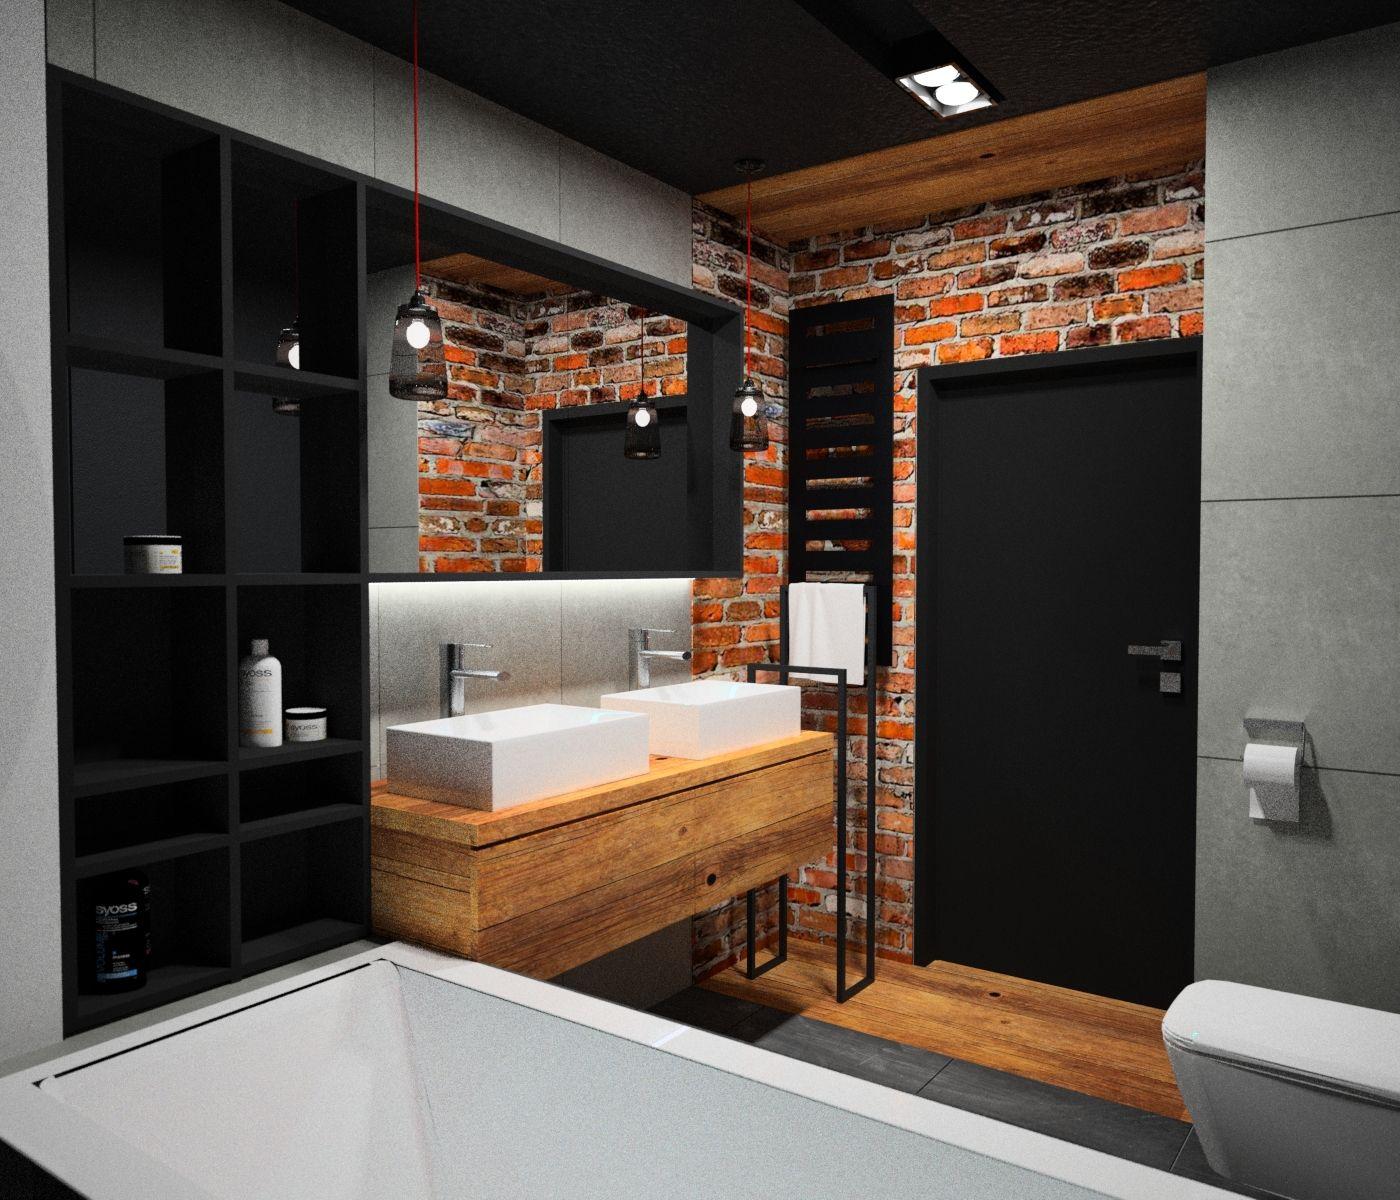 Modernbathroom Małałazienka Cegła W łazience Drewno Beton